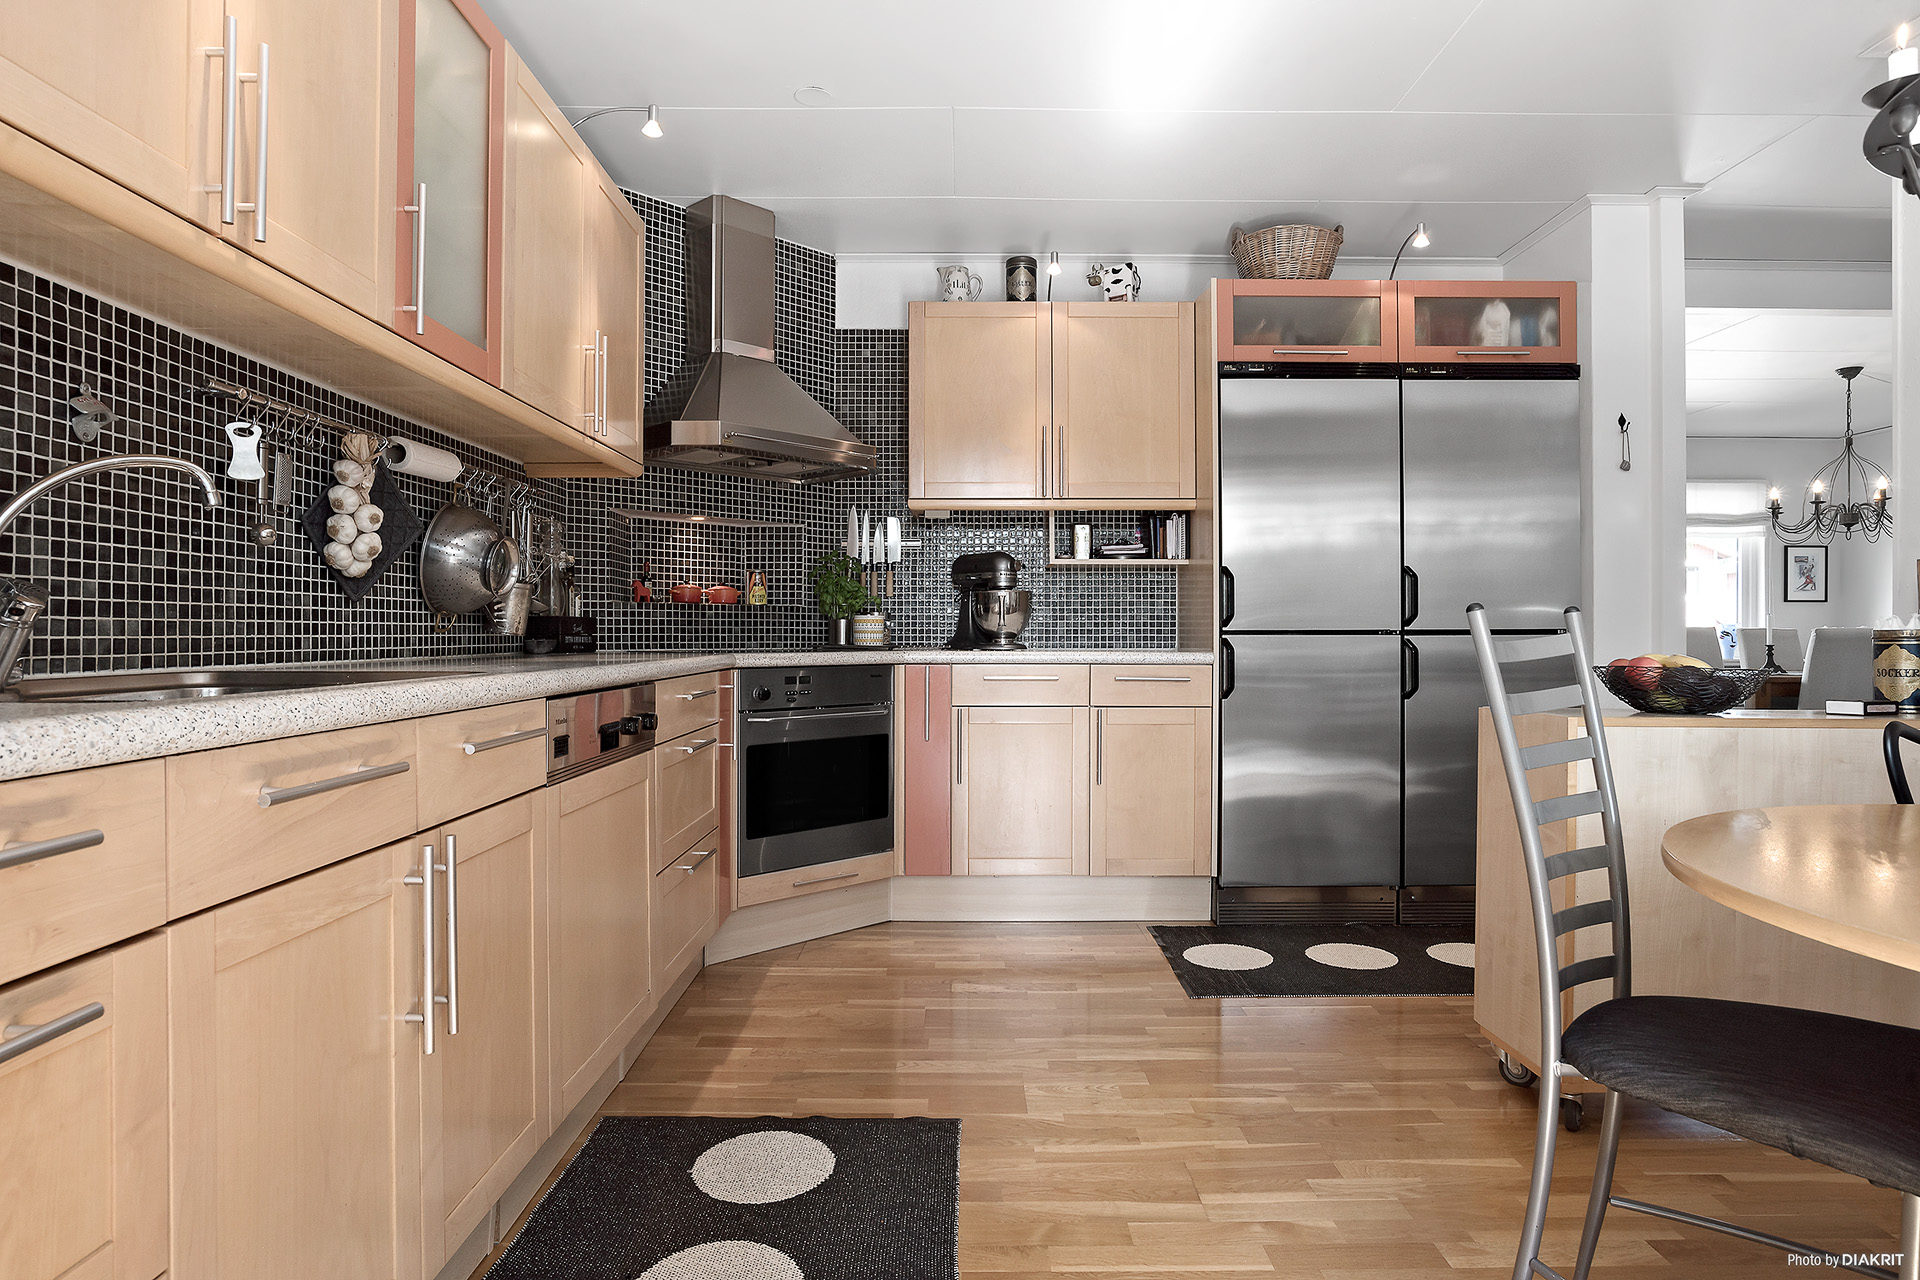 Praktiskt kök med stora arbetsytor och goda förvaringsmöjligheter. Rostfria vitvaror.